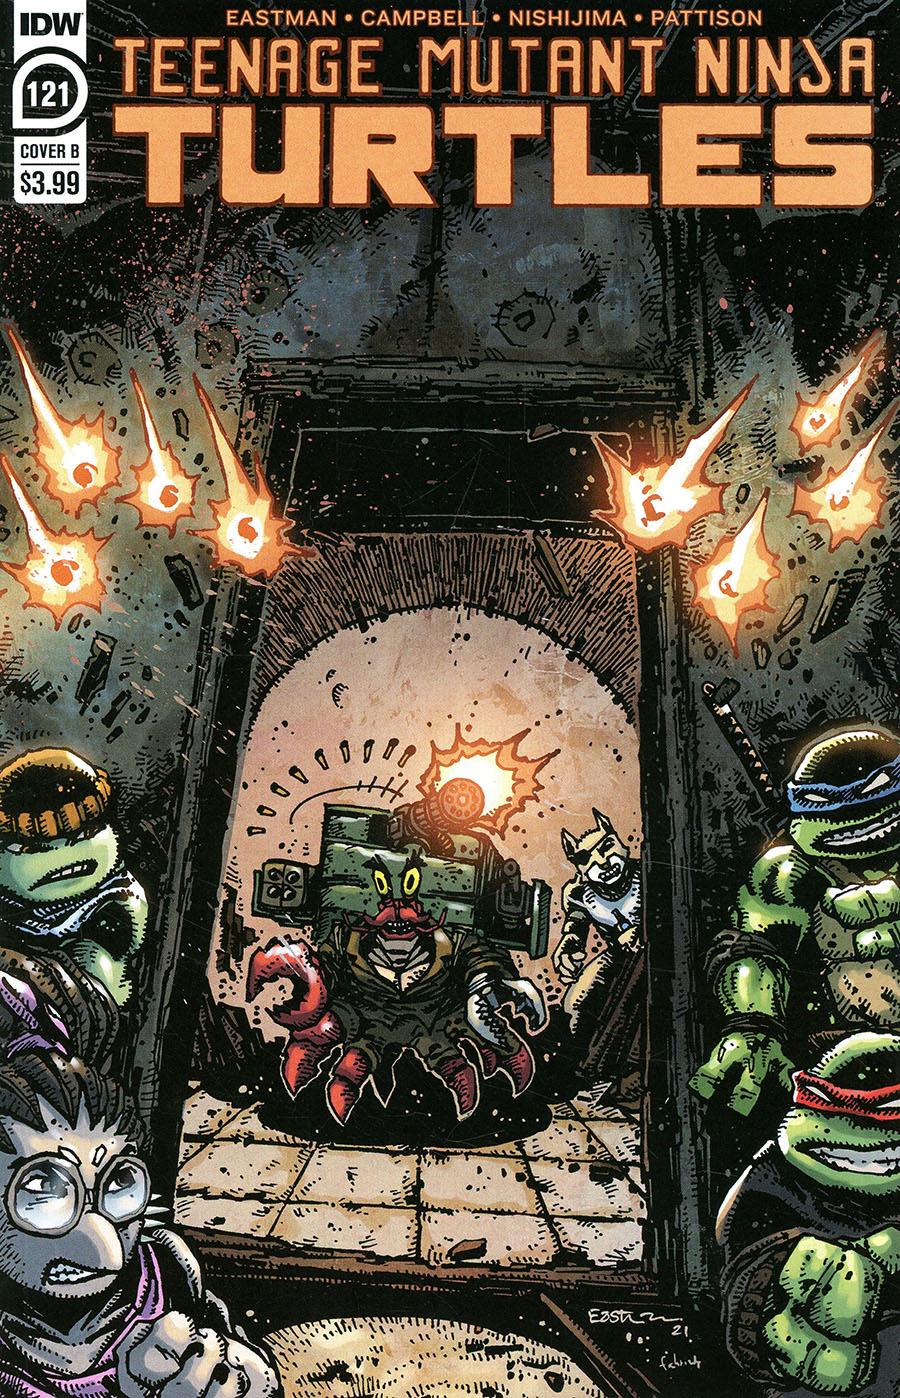 Teenage Mutant Ninja Turtles Vol 5 #121 Cover B Variant Kevin Eastman Cover